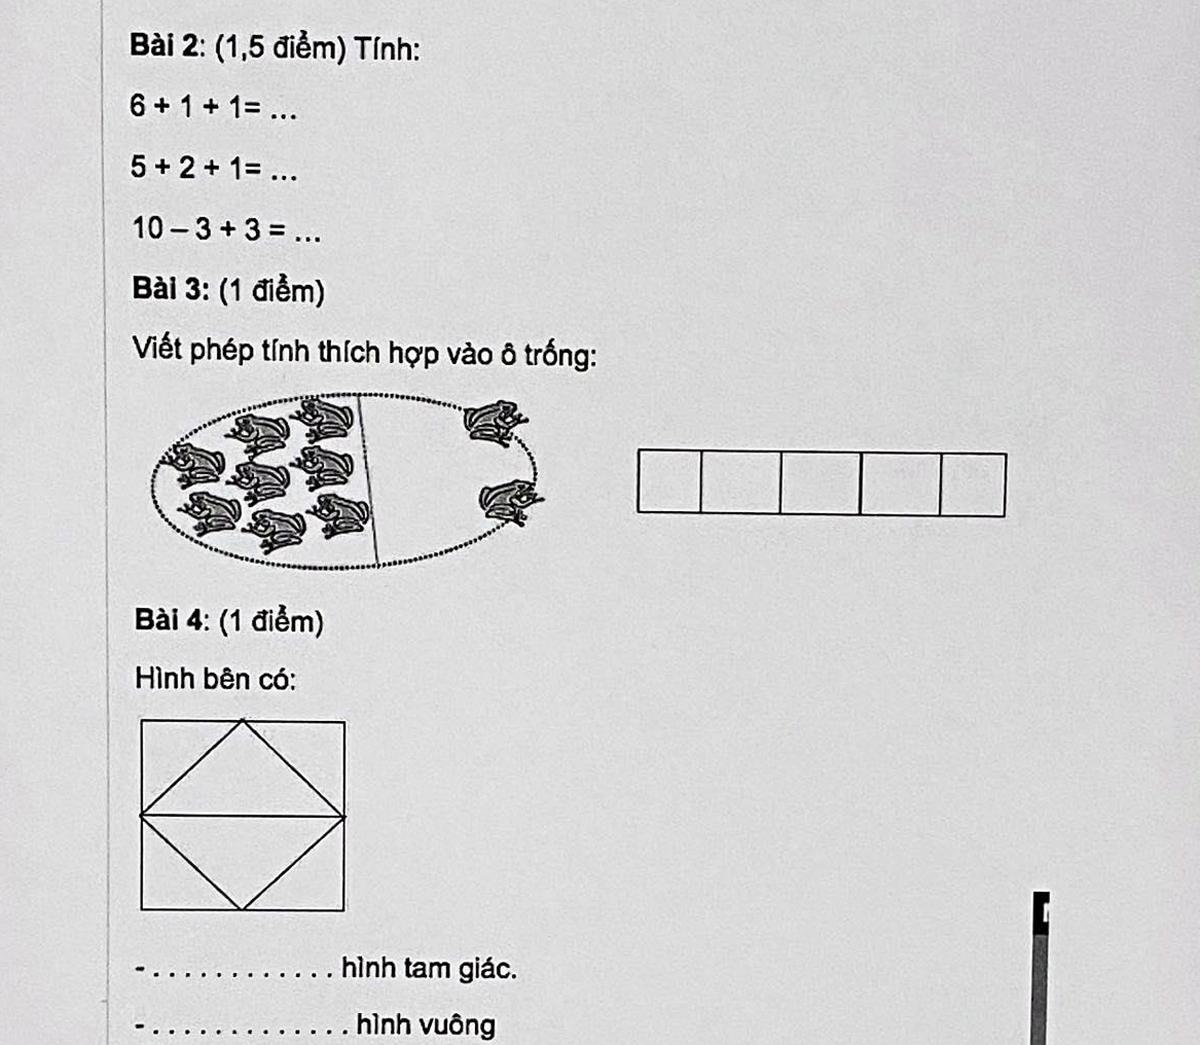 Bài tập Toán lớp 1 được phụ huynh tìm trên mạng, cho con học bổ sung. Ảnh: Phụ huynh cung cấp.